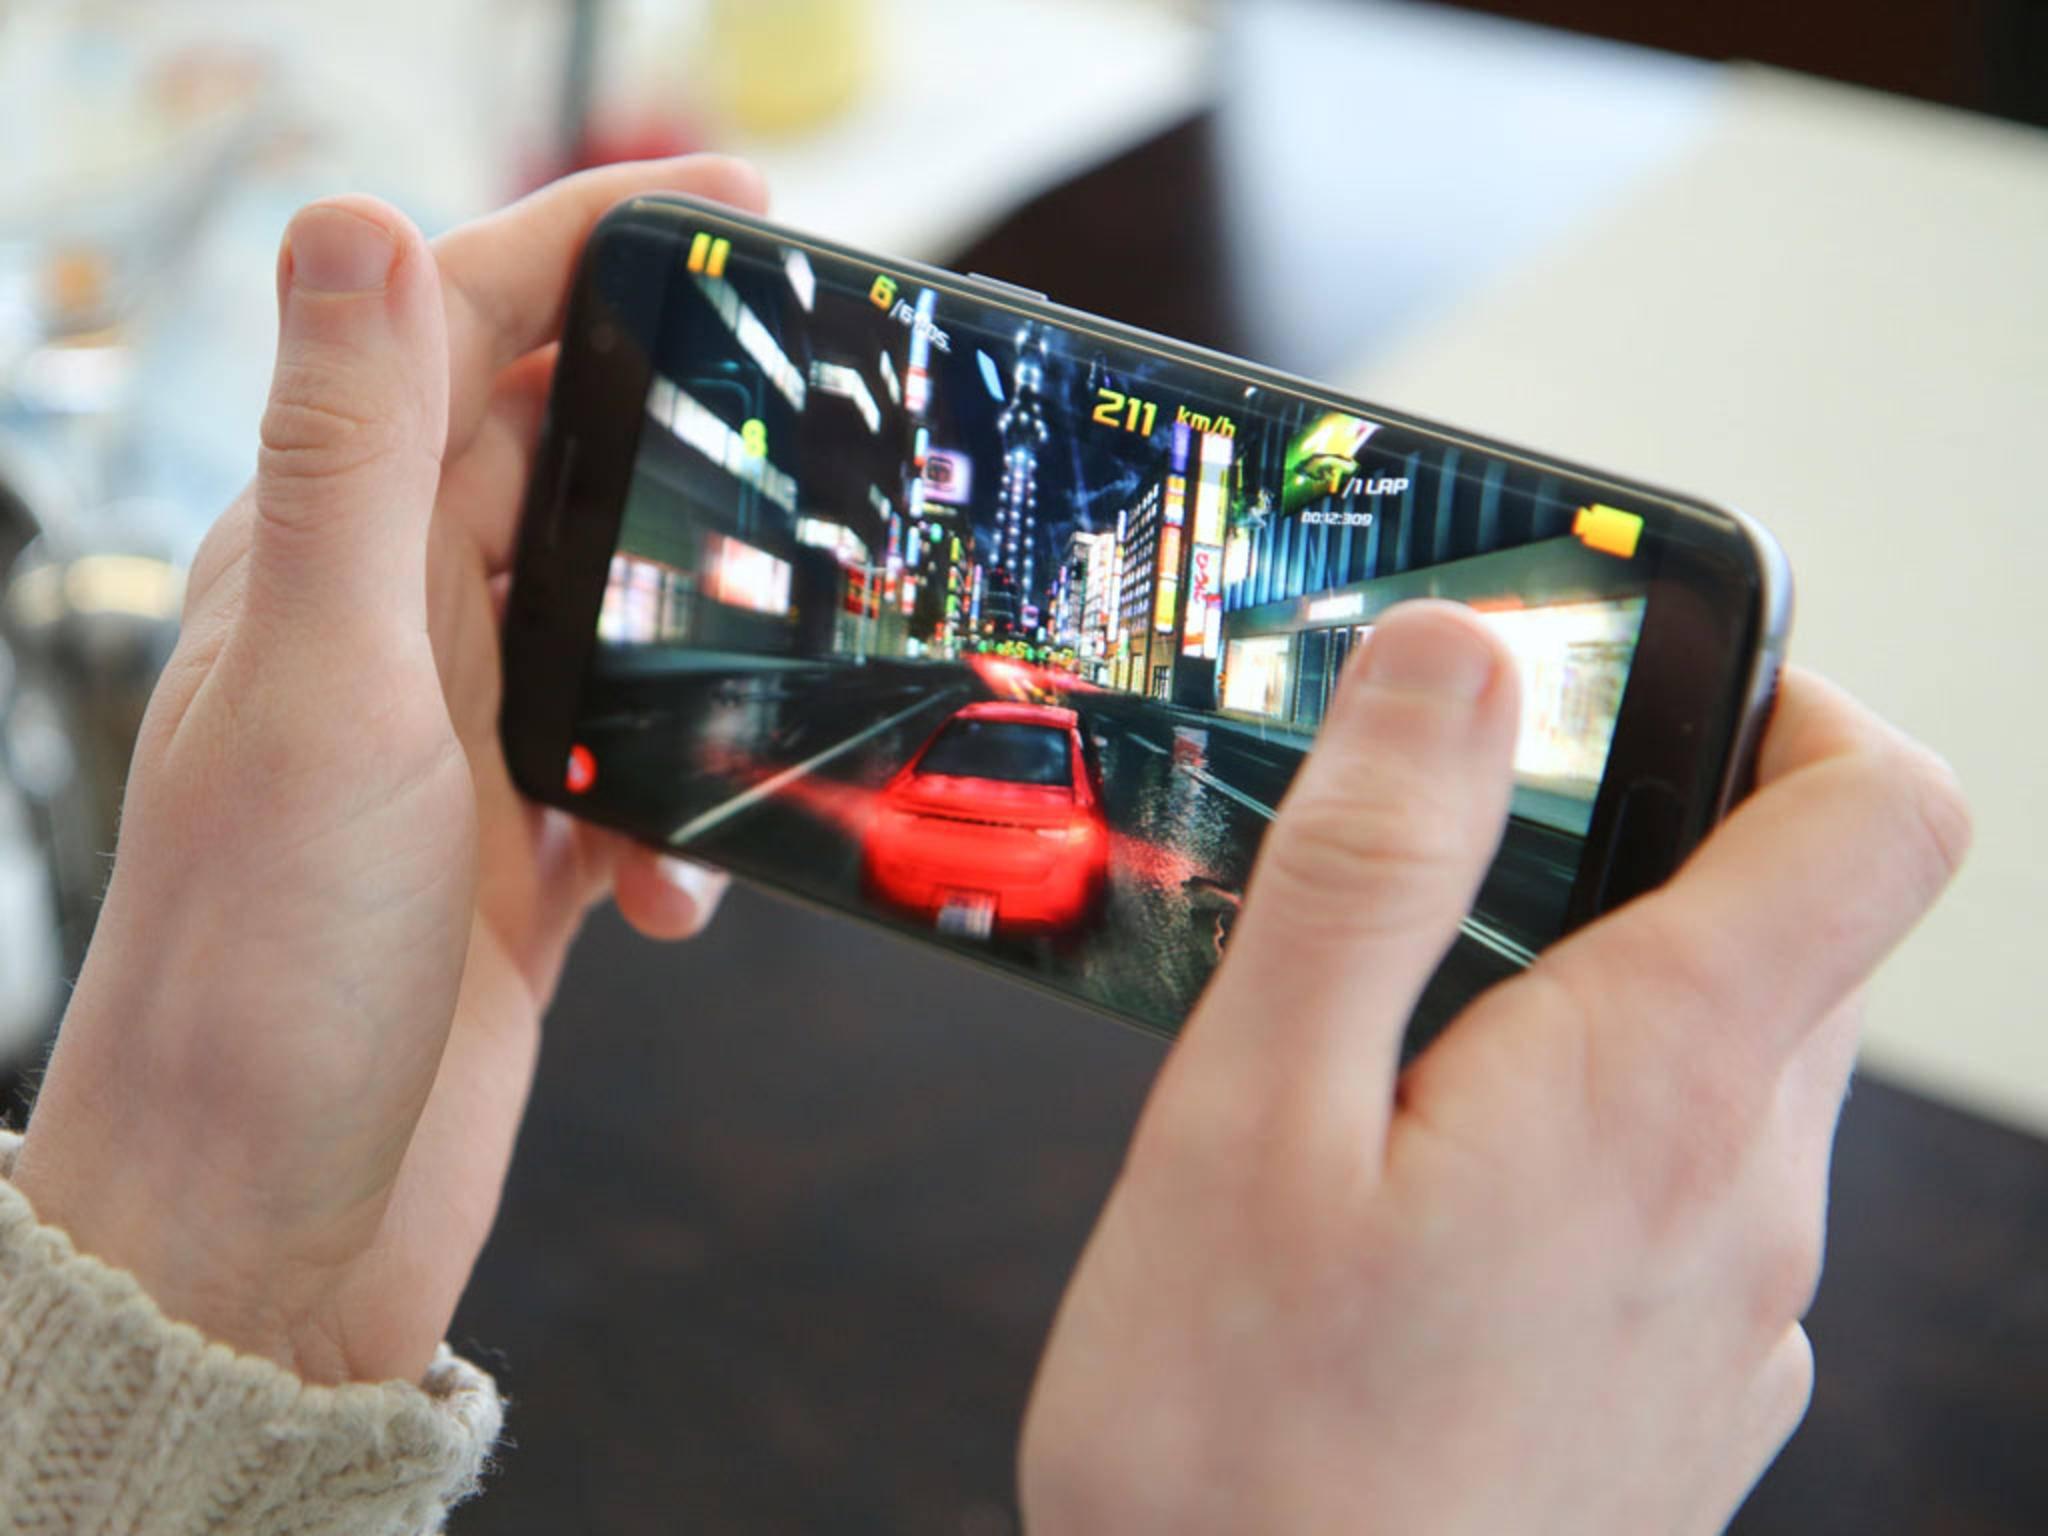 Der Nachfolger des Galaxy S7 setzt angeblich verstärkt auf Virtual Reality.